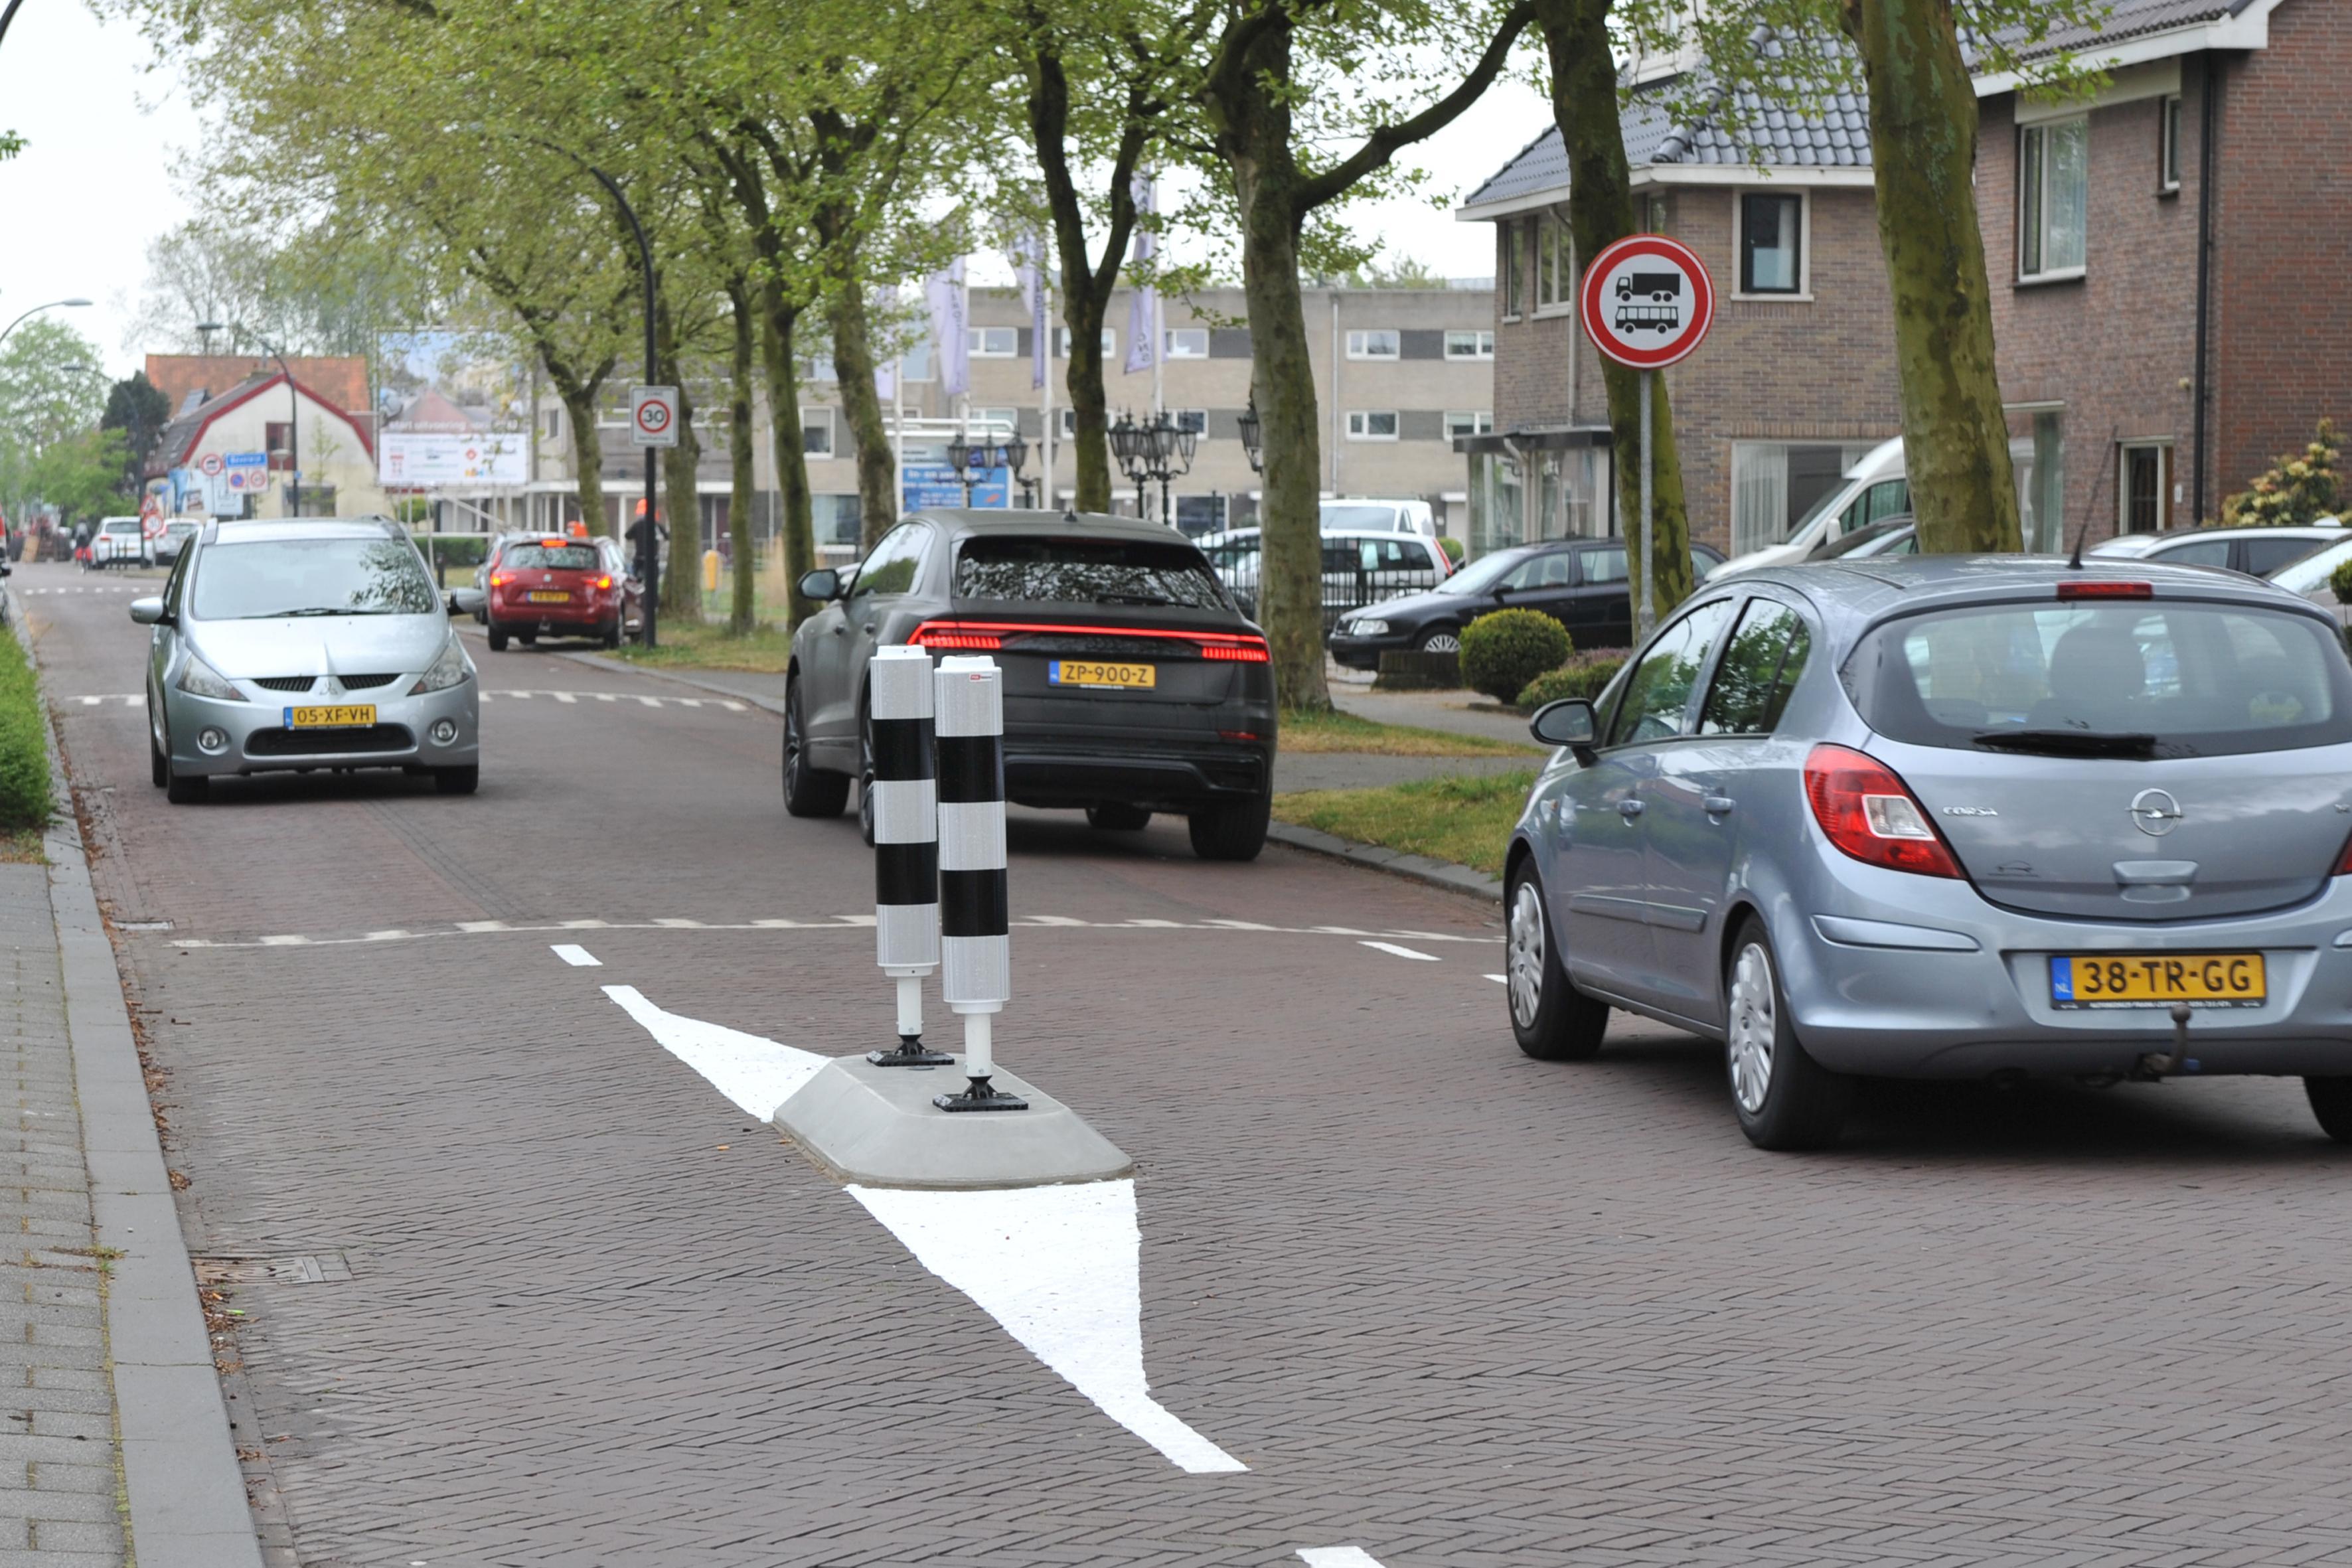 De knoop van de Rijksstraatweg/Alkmaarseweg in Heemskerk en Beverwijk: moet de afsluiting terug of niet?